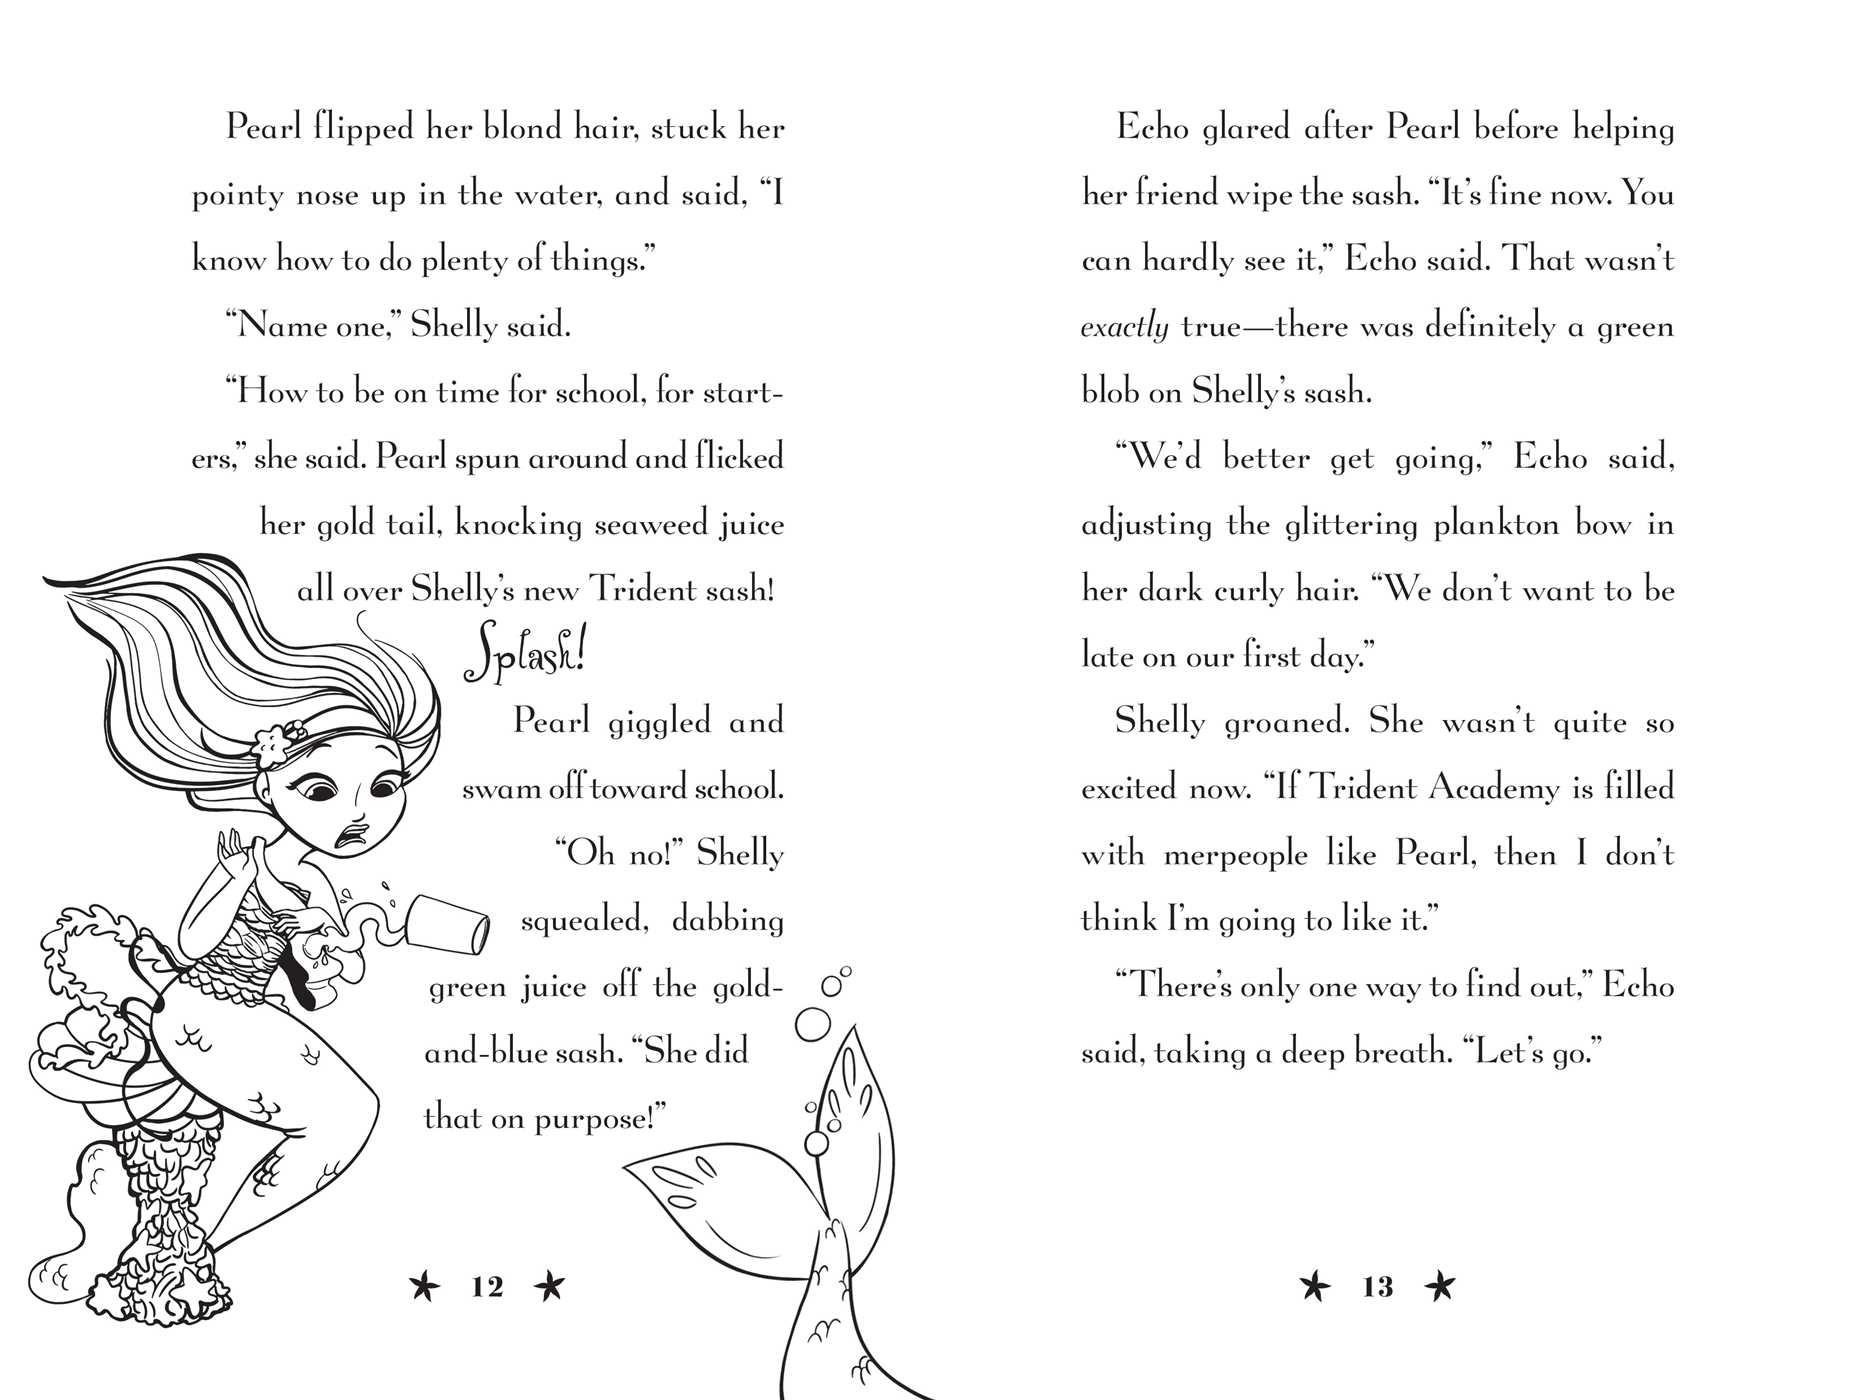 Mermaid tales 4 books in 1 9781481475921.in04